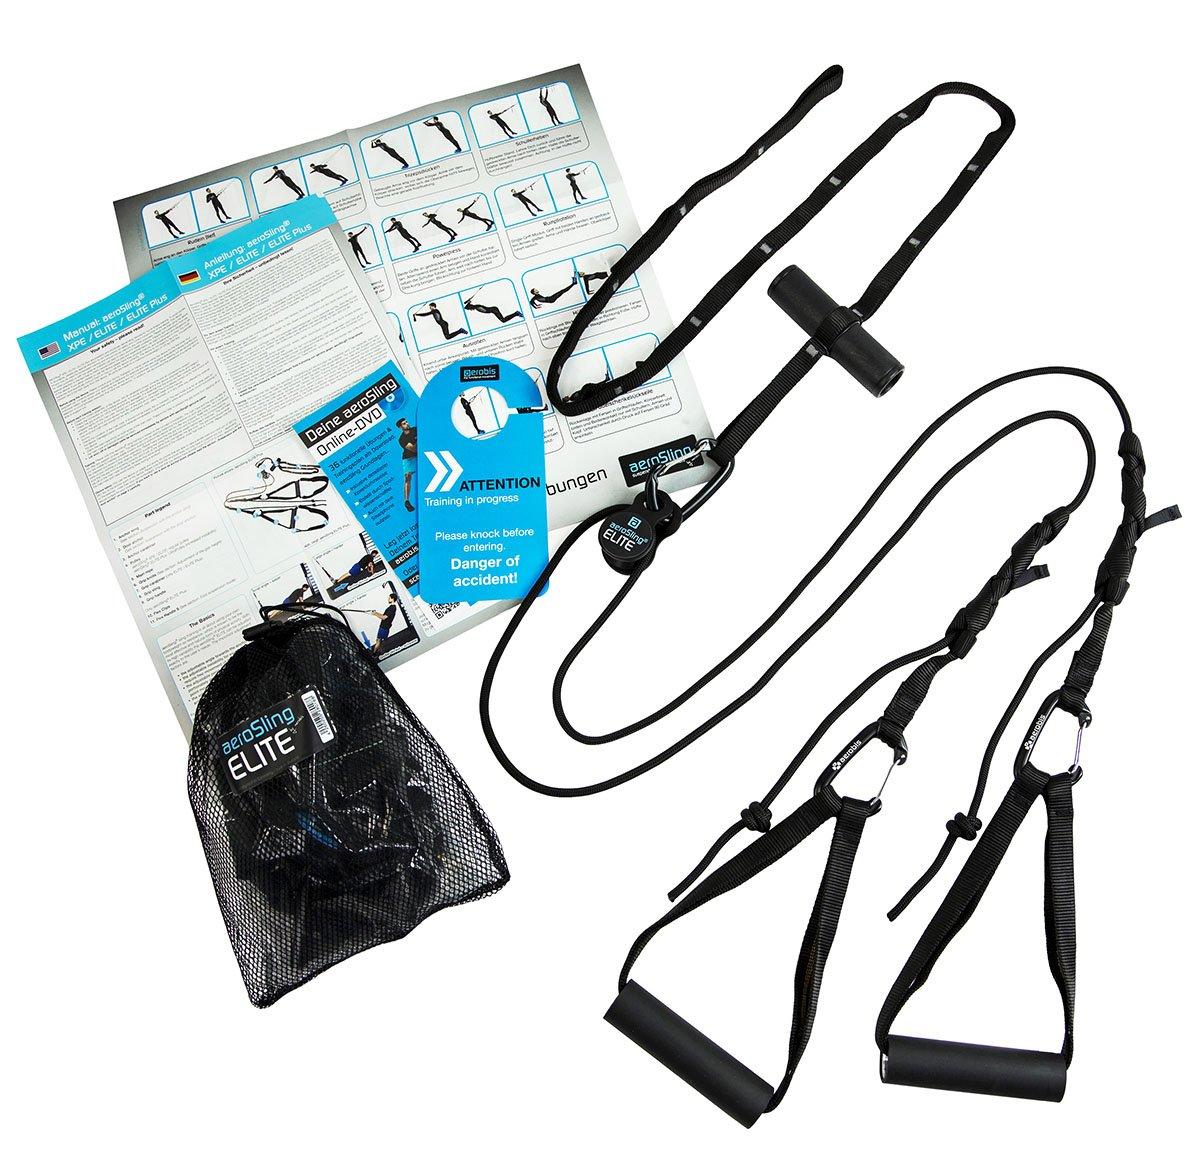 aeroSling ELITE - Sling Trainer mit Umlenkrolle und Türanker | Schlingentrainer inklusive Online-DVD und Poster | Fitness-Gerät für Krafttraining und Koordination product image